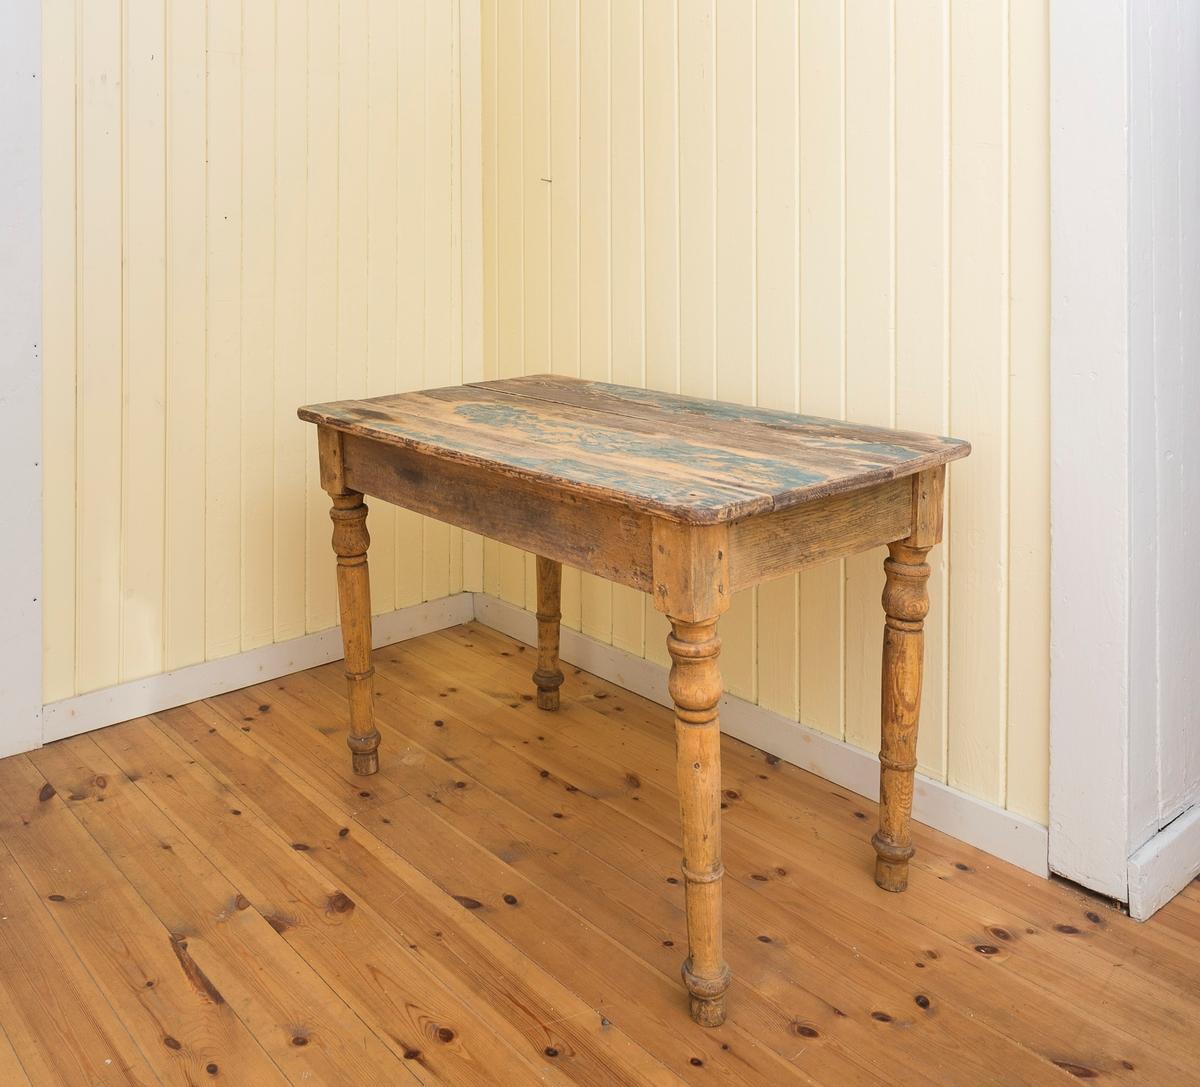 Bord satt sammen av tre bordplater, og med 4 dreiet ben.